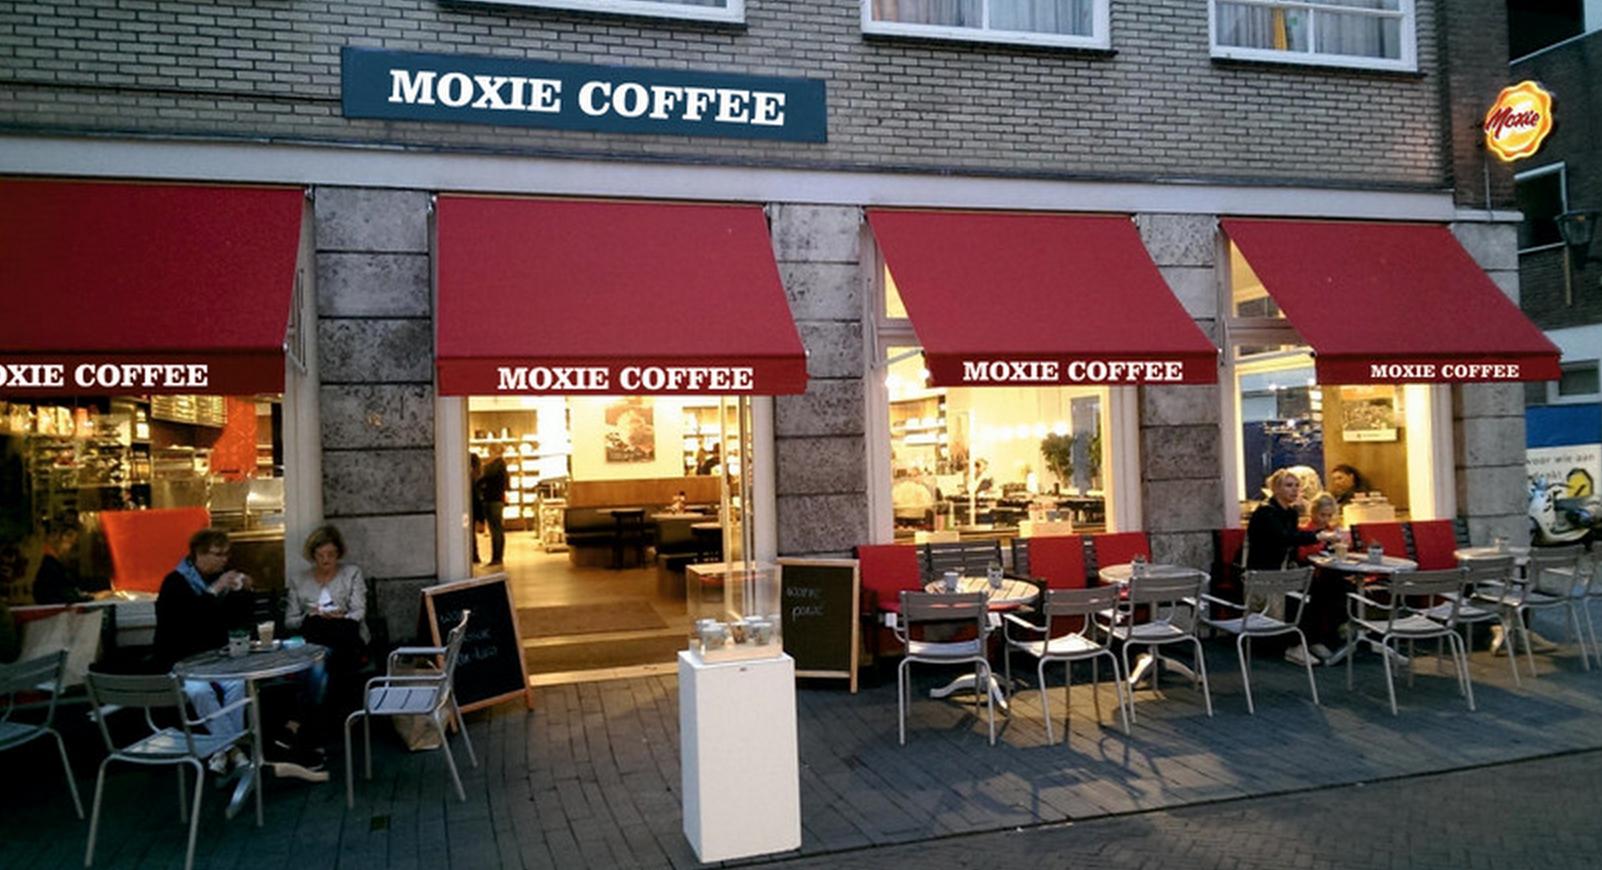 Moxie Coffee Bayilik ve Bayilik Şartları